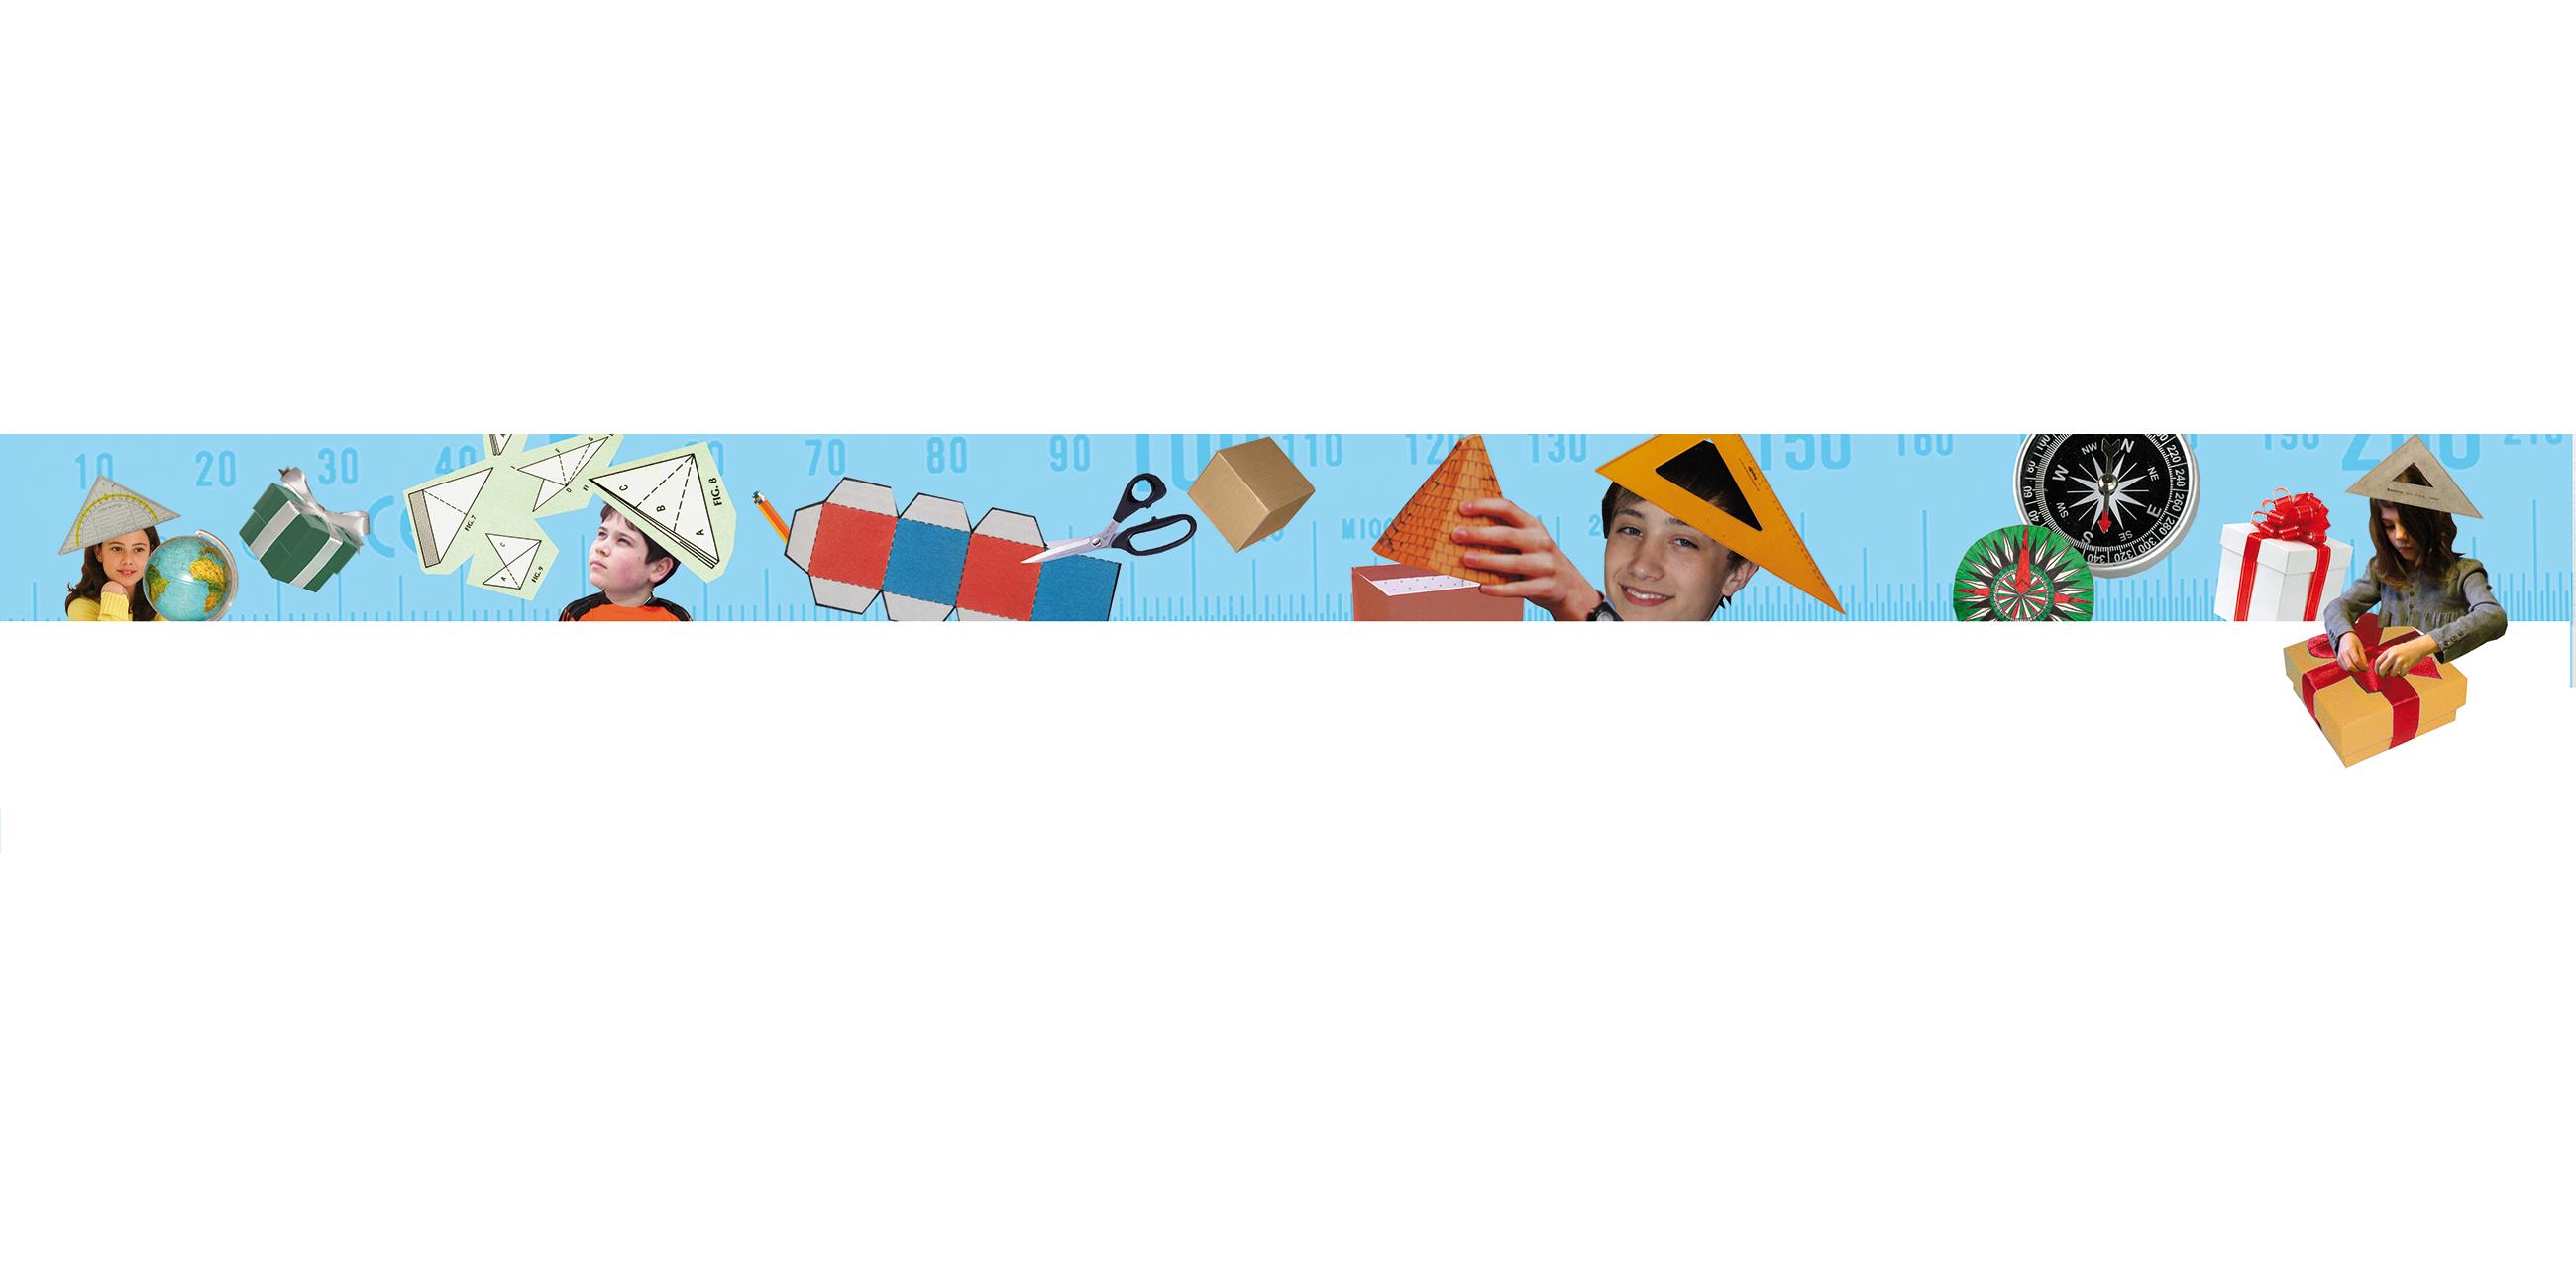 communicatie robot telefoneren banaan Noordhoff uitgeverij educatieve boeken schoolboeken lesmateriaal basisonderwijs basisschool taal spelling grammatica taal op maar spelling op maat leerboek lesboek oefenboek grootzus illustratie collage editorial professioneel verhoudingen verbanden meten getallen cijferen grafieken breuken geld hoofdrekenen